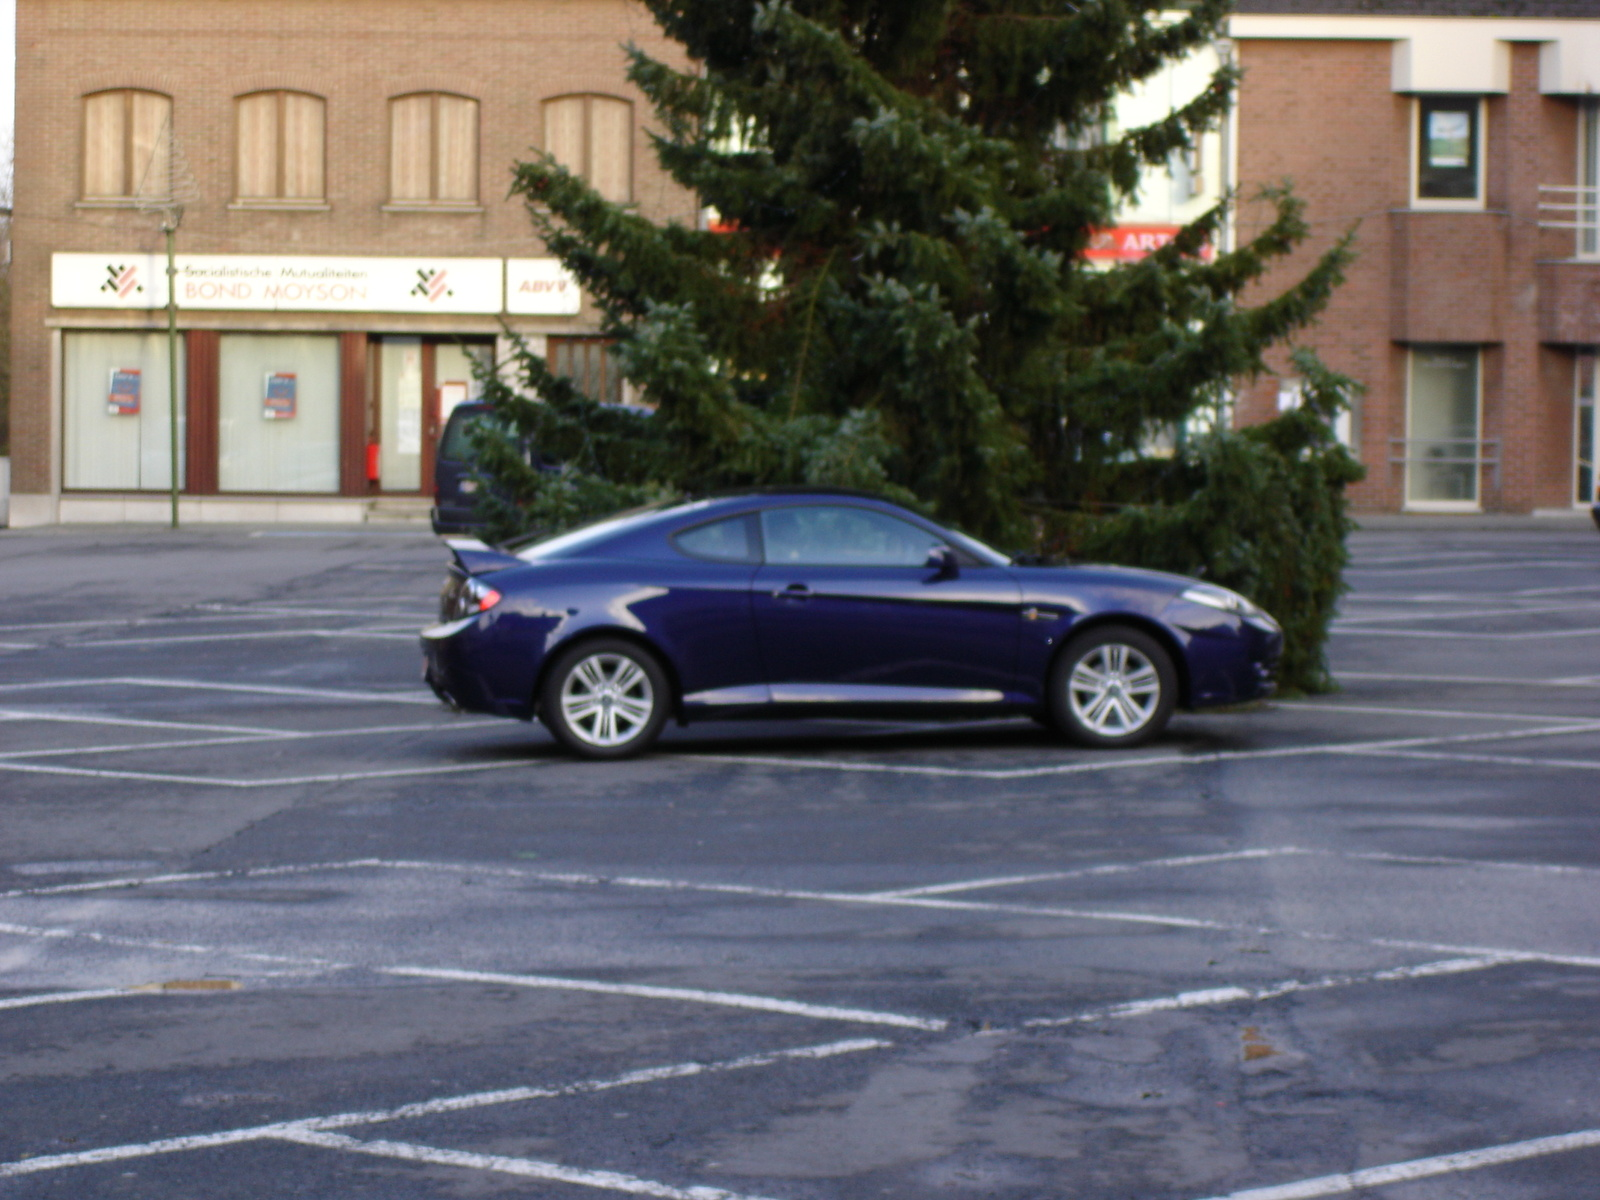 Picture of 2007 Hyundai Tiburon, exterior